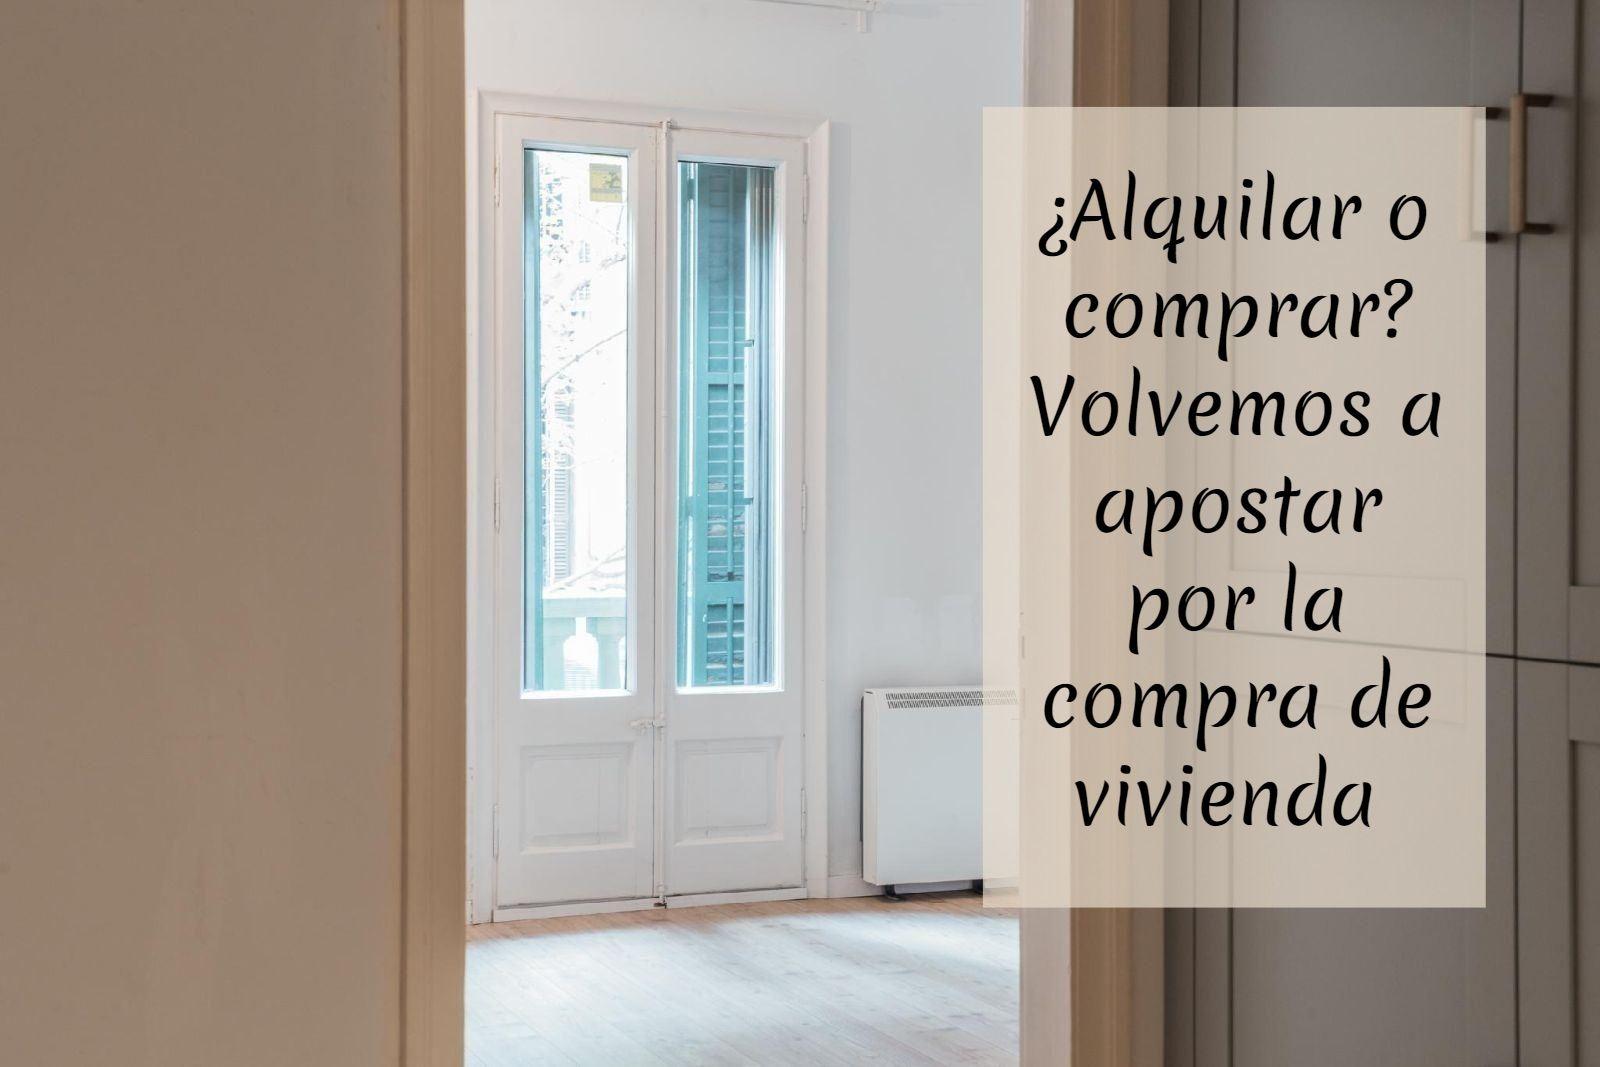 Alquilar o comprar Los españoles volvemos a apostar por la compra de vivienda - ¿Alquilar o comprar? Los españoles volvemos a apostar por la compra de vivienda